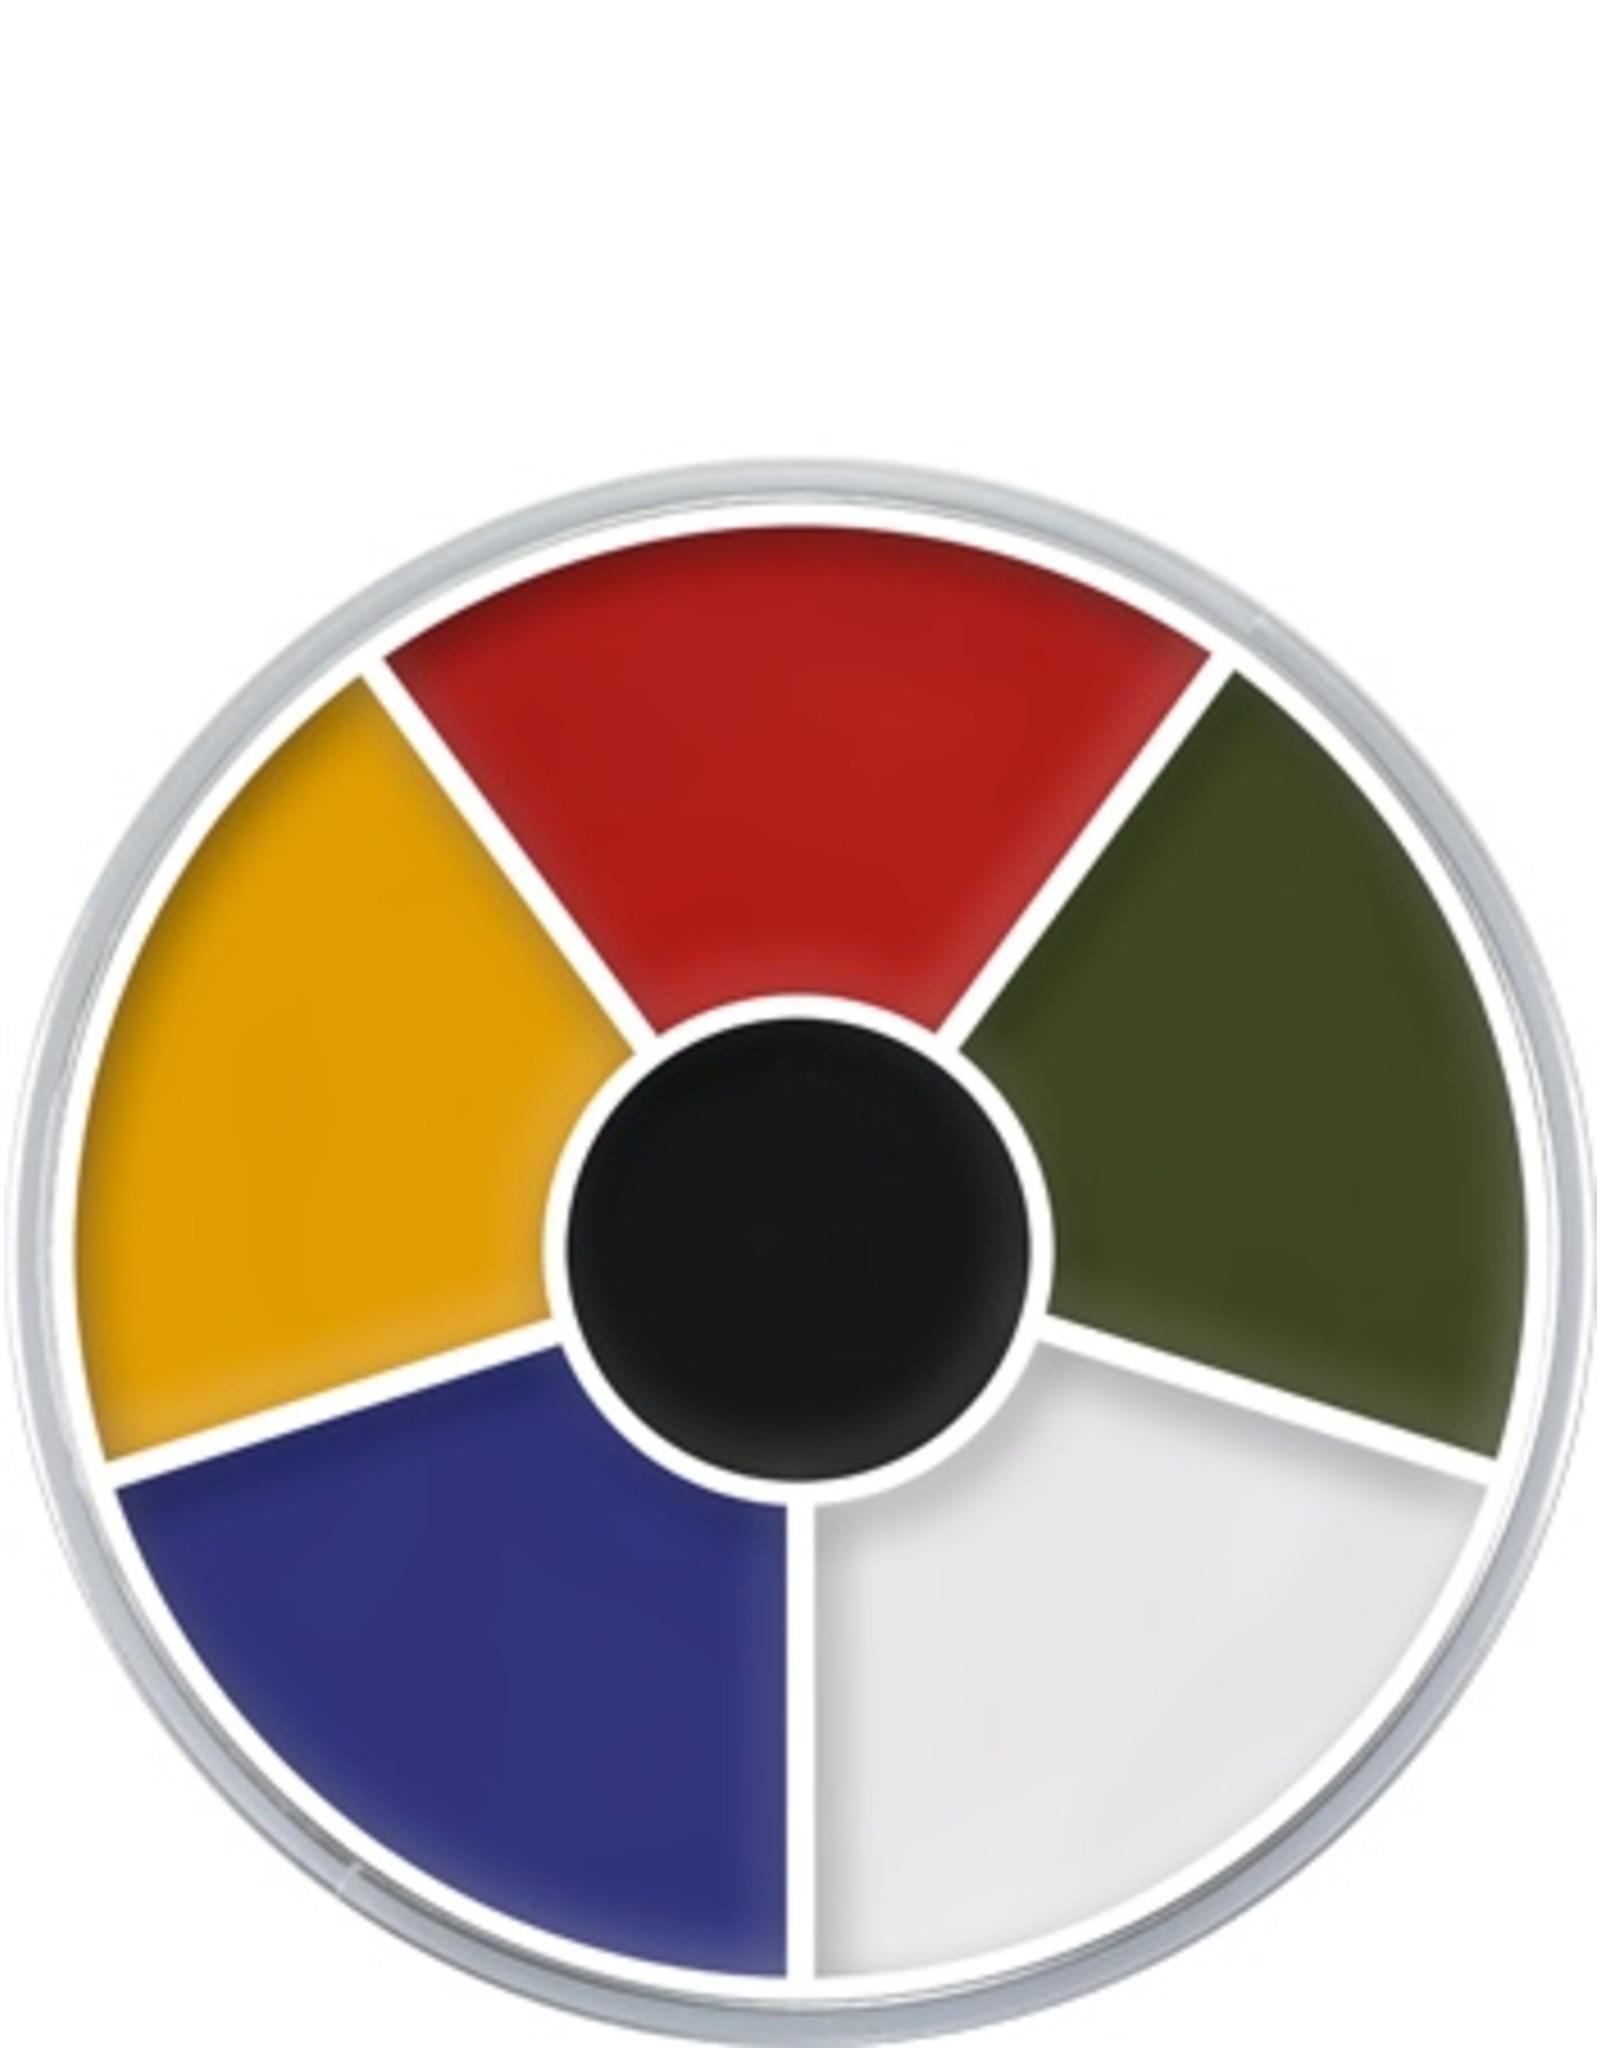 Kryolan Kryolan Cream Color Circle